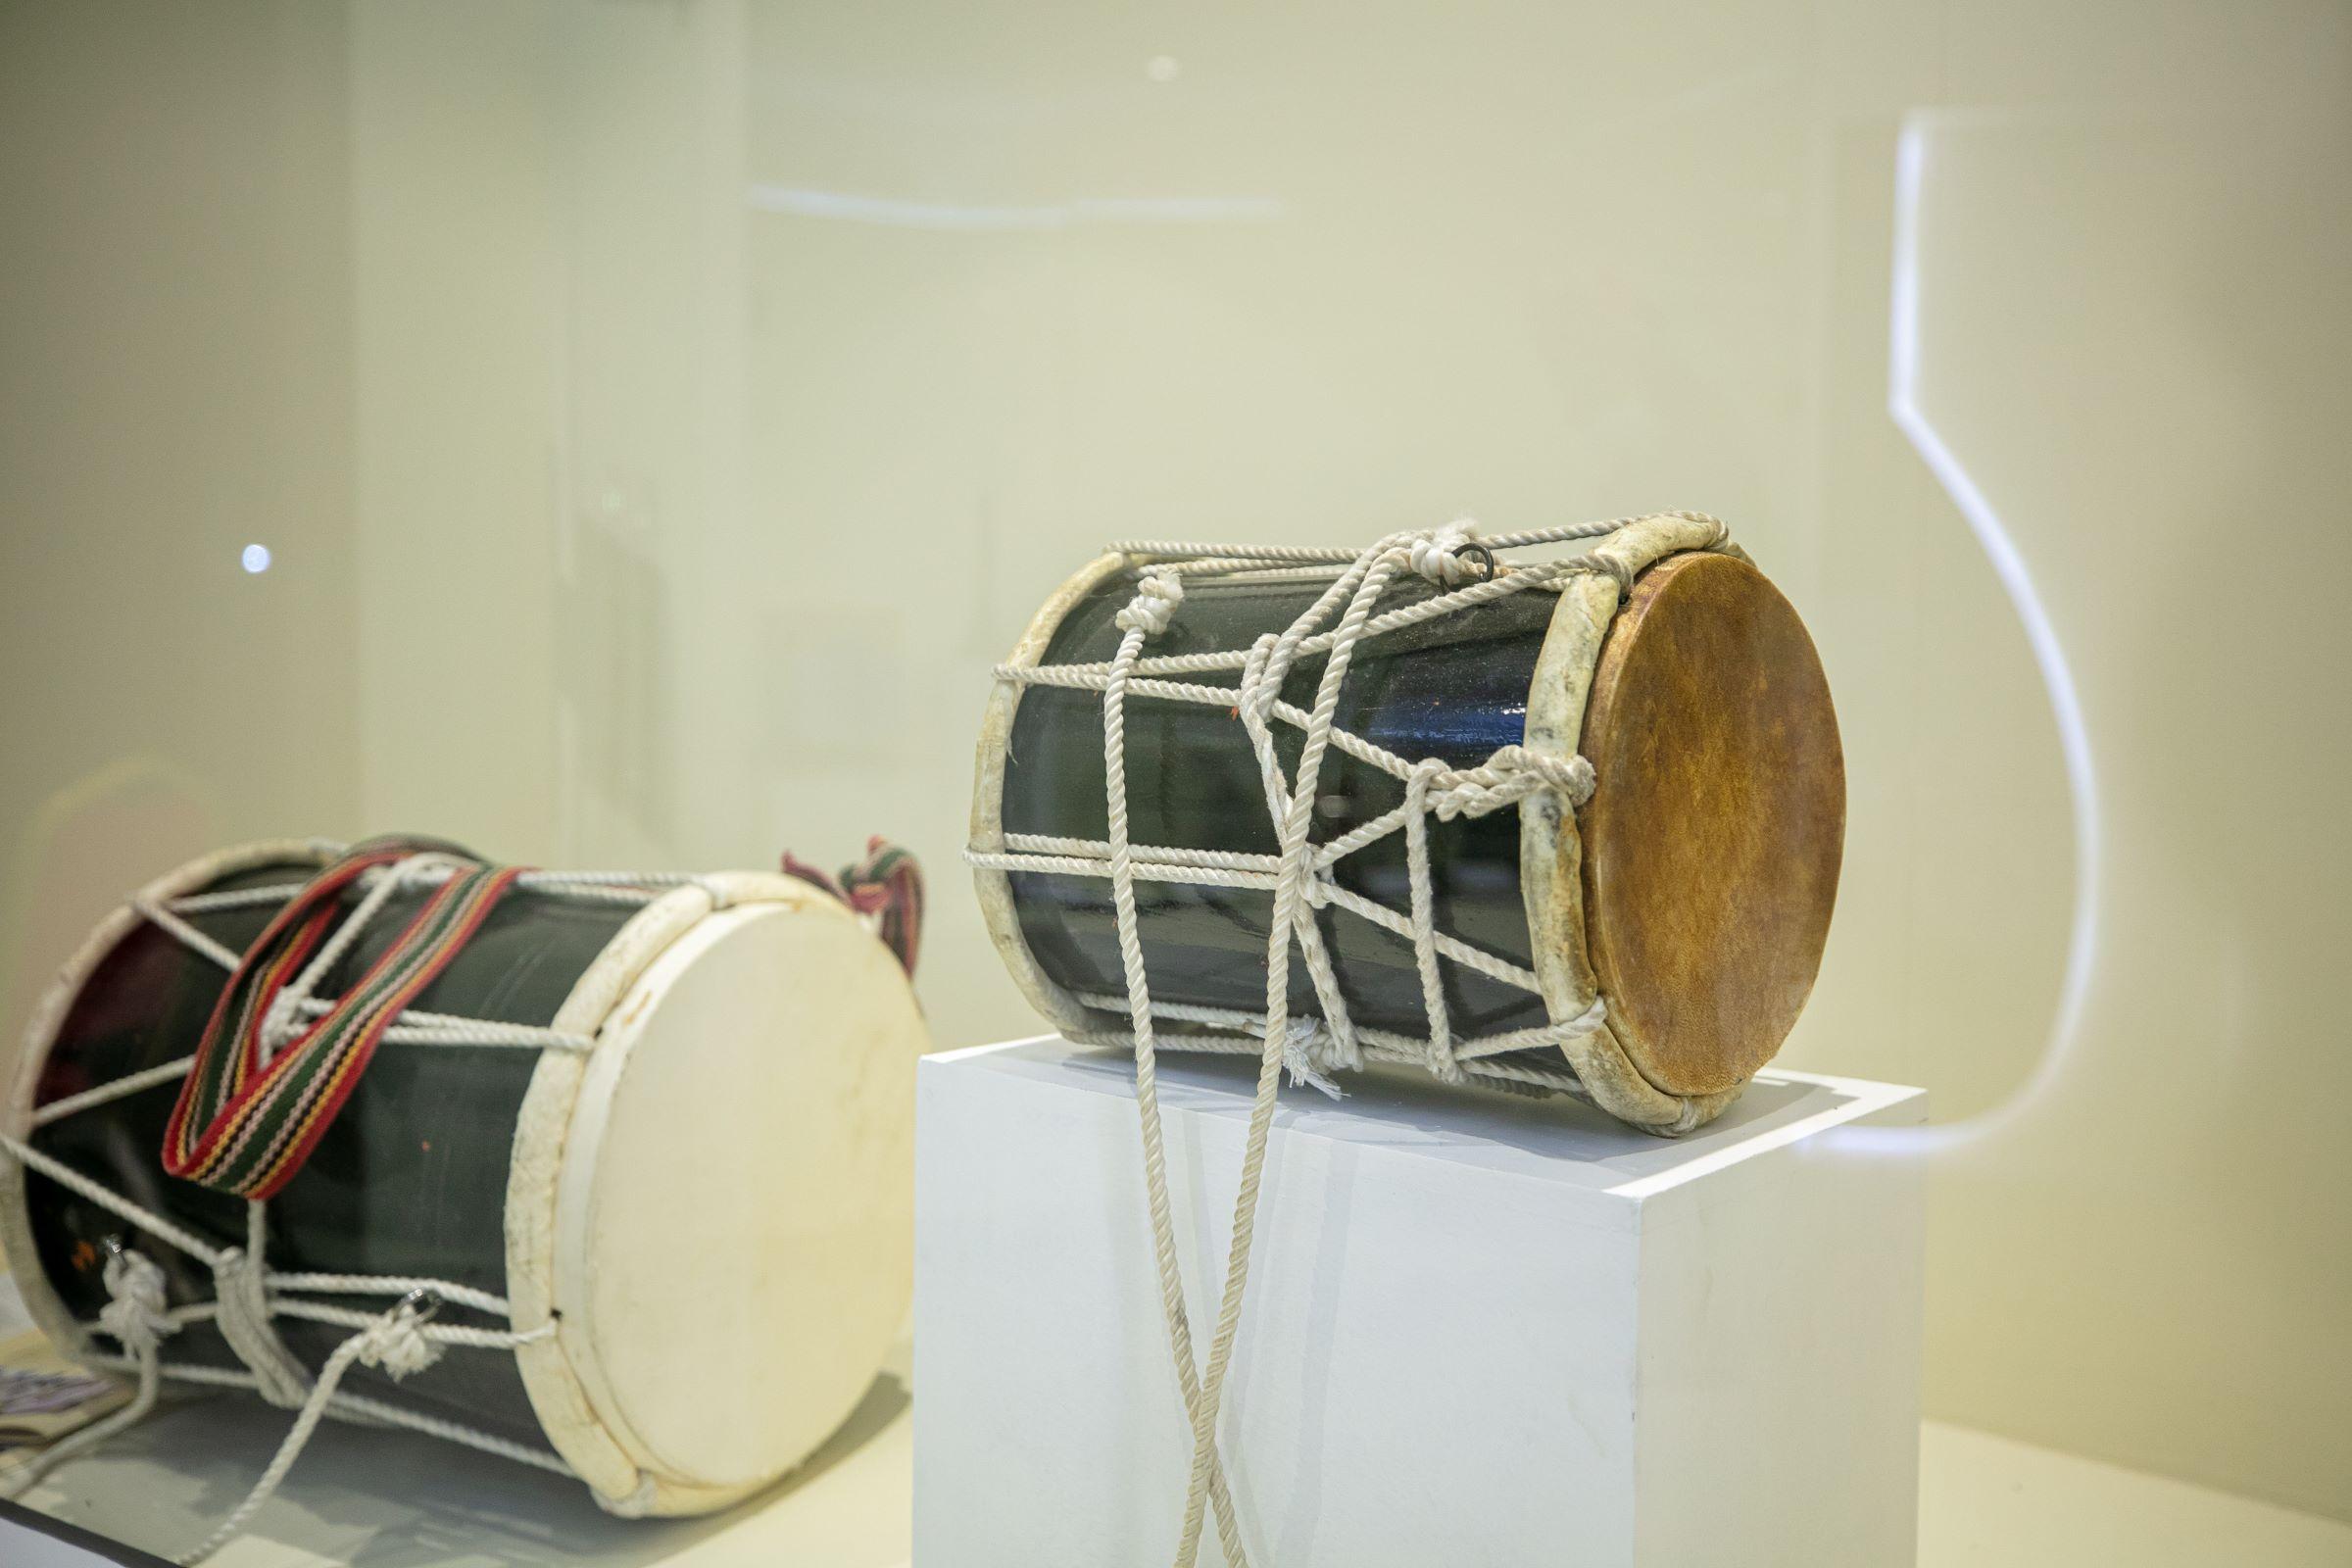 معرض الفنون الشعبيّة .. متحف للصوت و الآلات الموسيقية